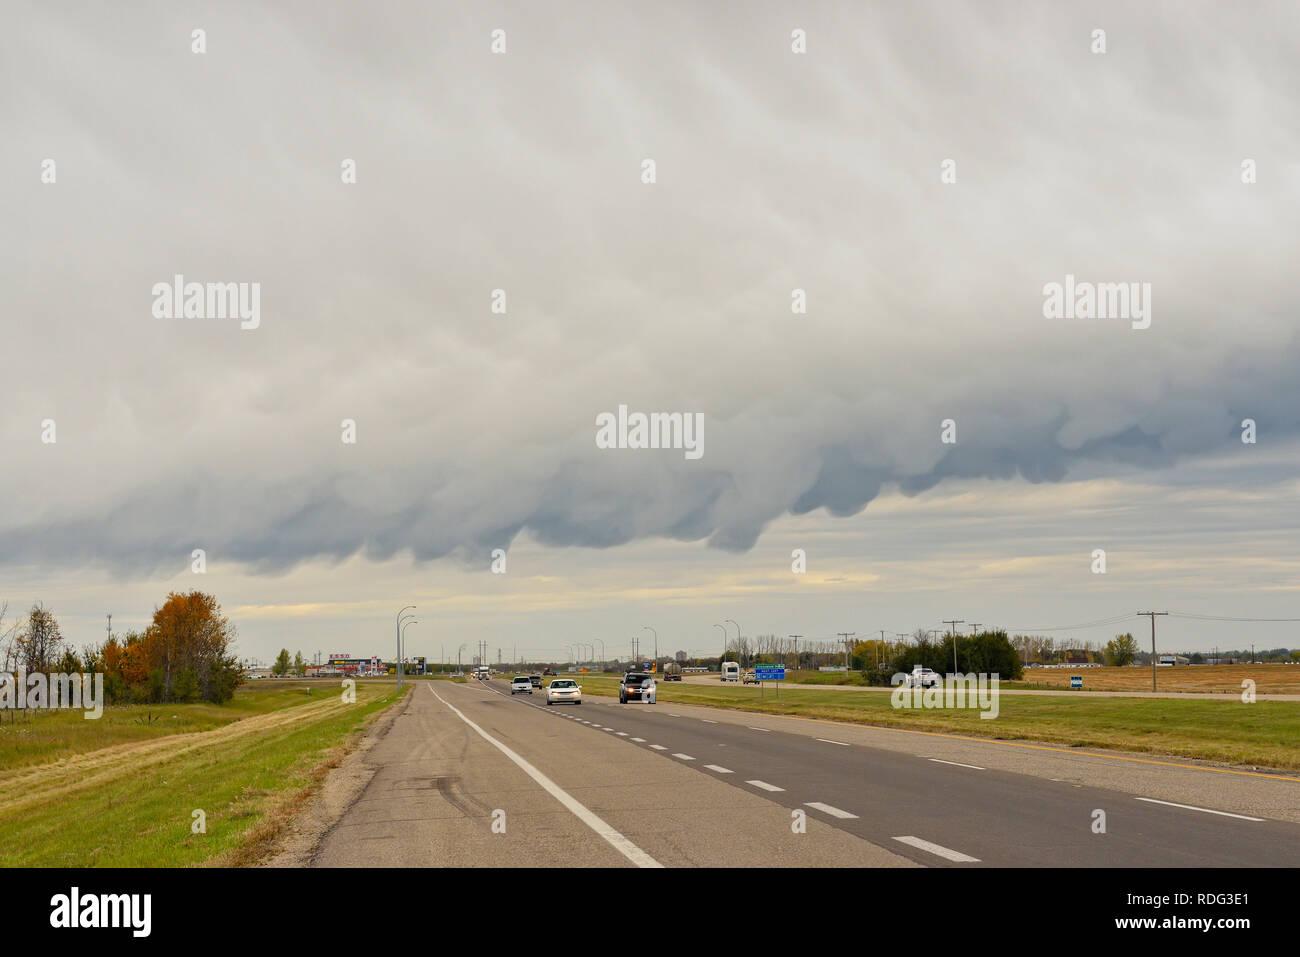 Die wolkenbildung - schlechtes Wetter vor, Saskatoon, Saskatchewan, Kanada Stockbild